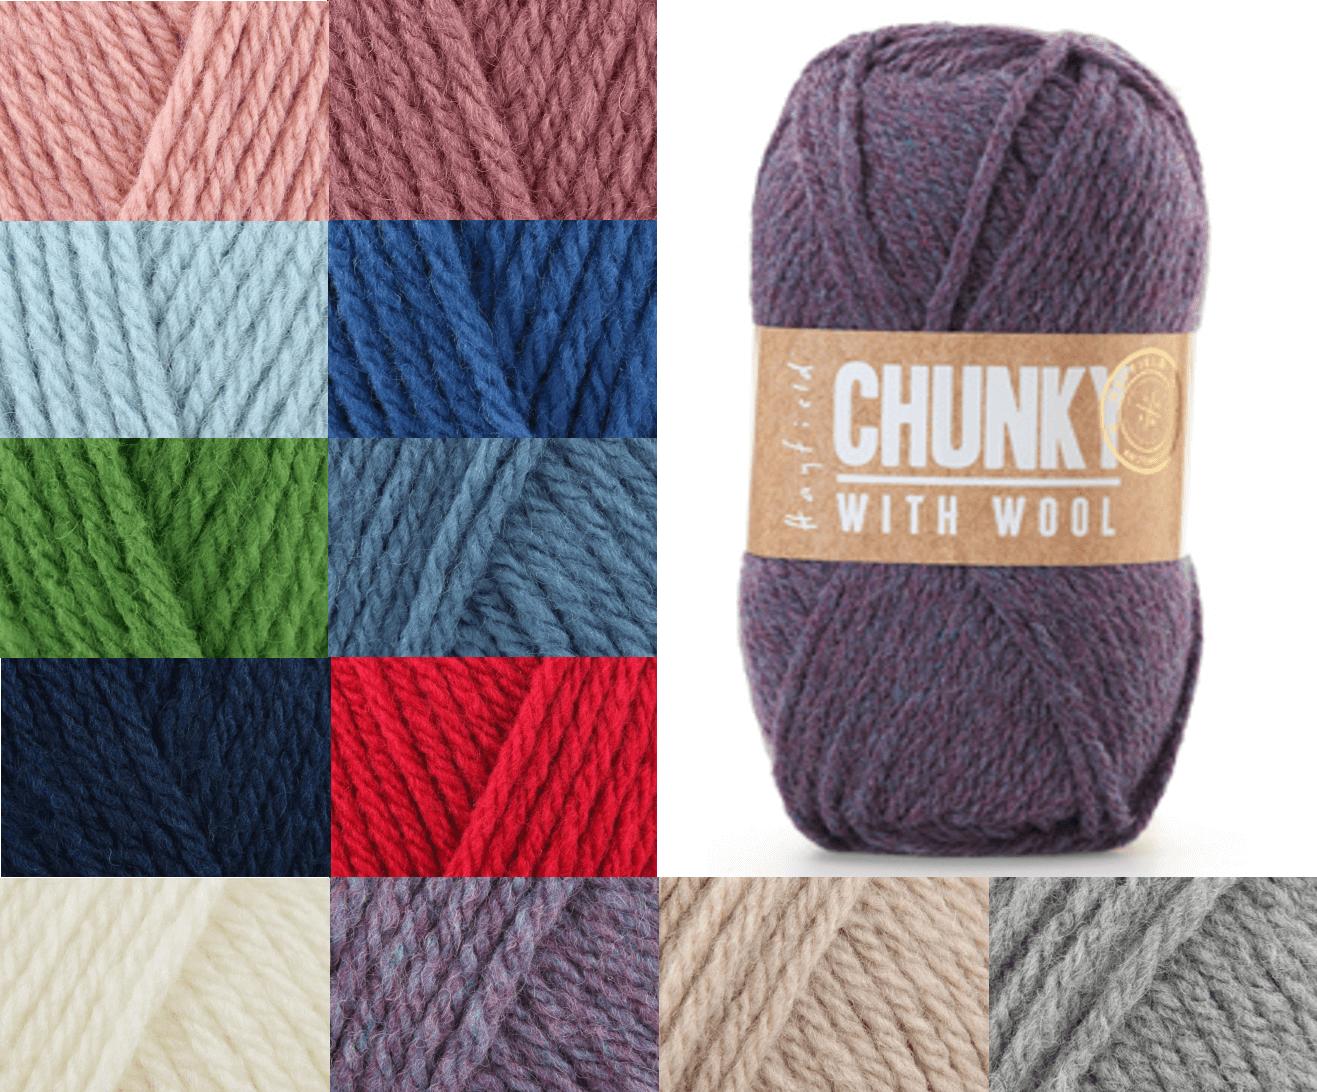 Sirdar Hayfield Chunky With Wool 100g Ball Knitting Crochet Knit Craft Yarn 116 Crisp Blue